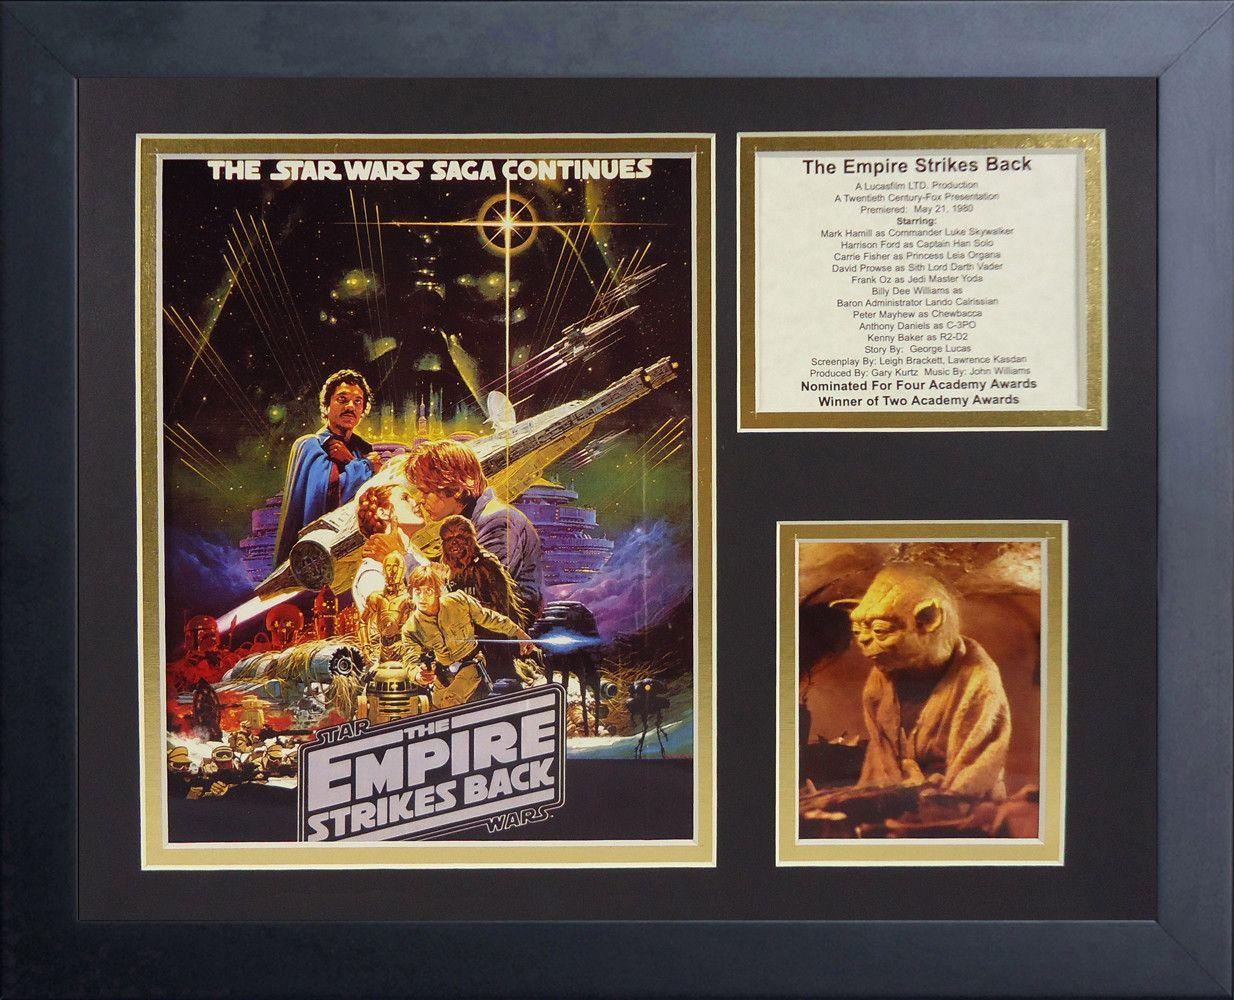 Star Wars The Empire Strikes Back Framed Memorabilia